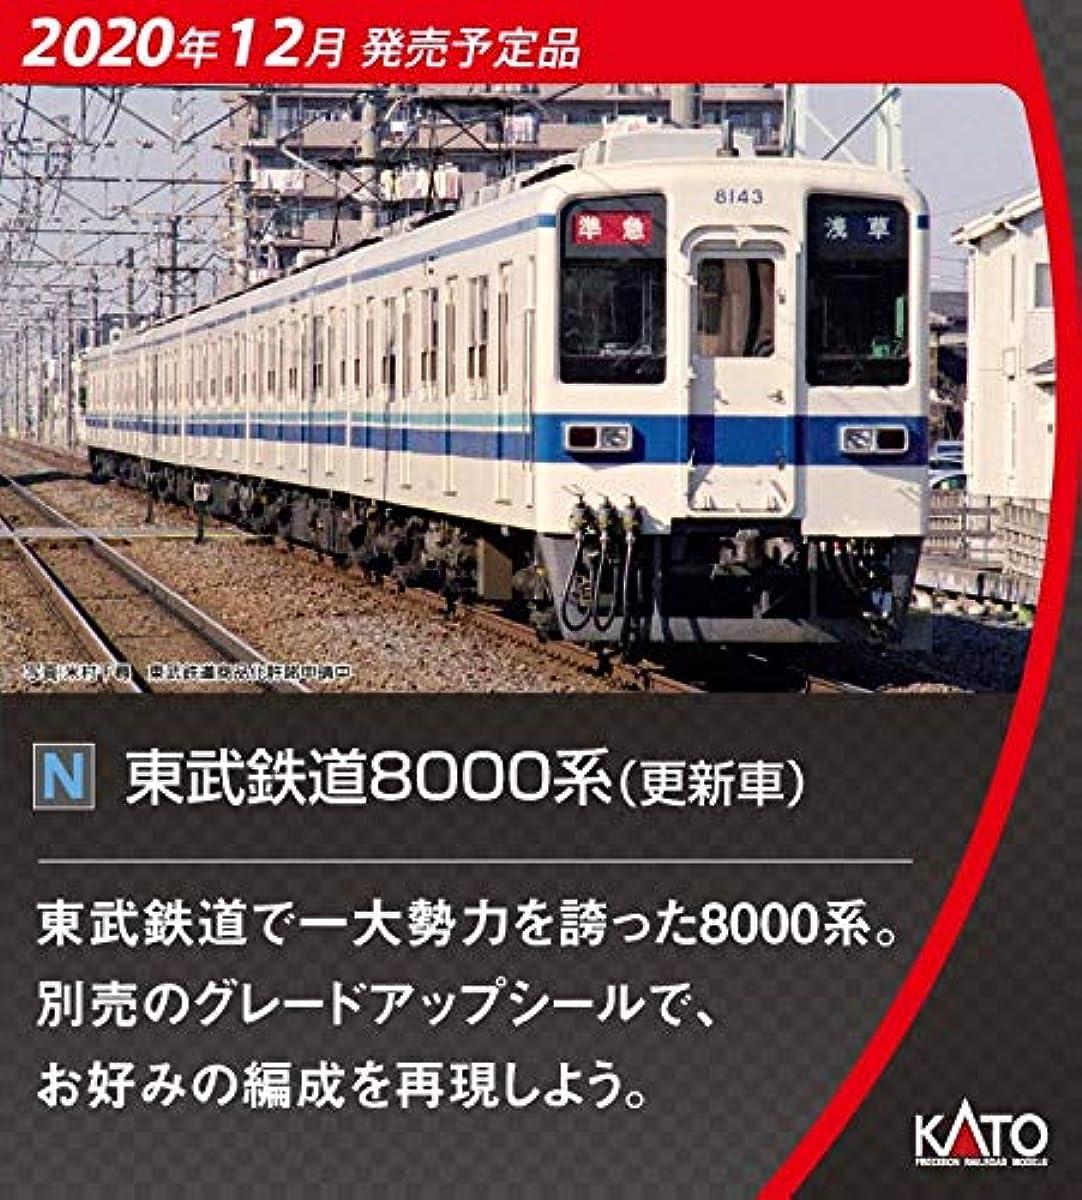 [해외] KATO N게이지 도우부 철도8000 계갱신차 4 양기본 세트 10-1647 철도 모형 전철